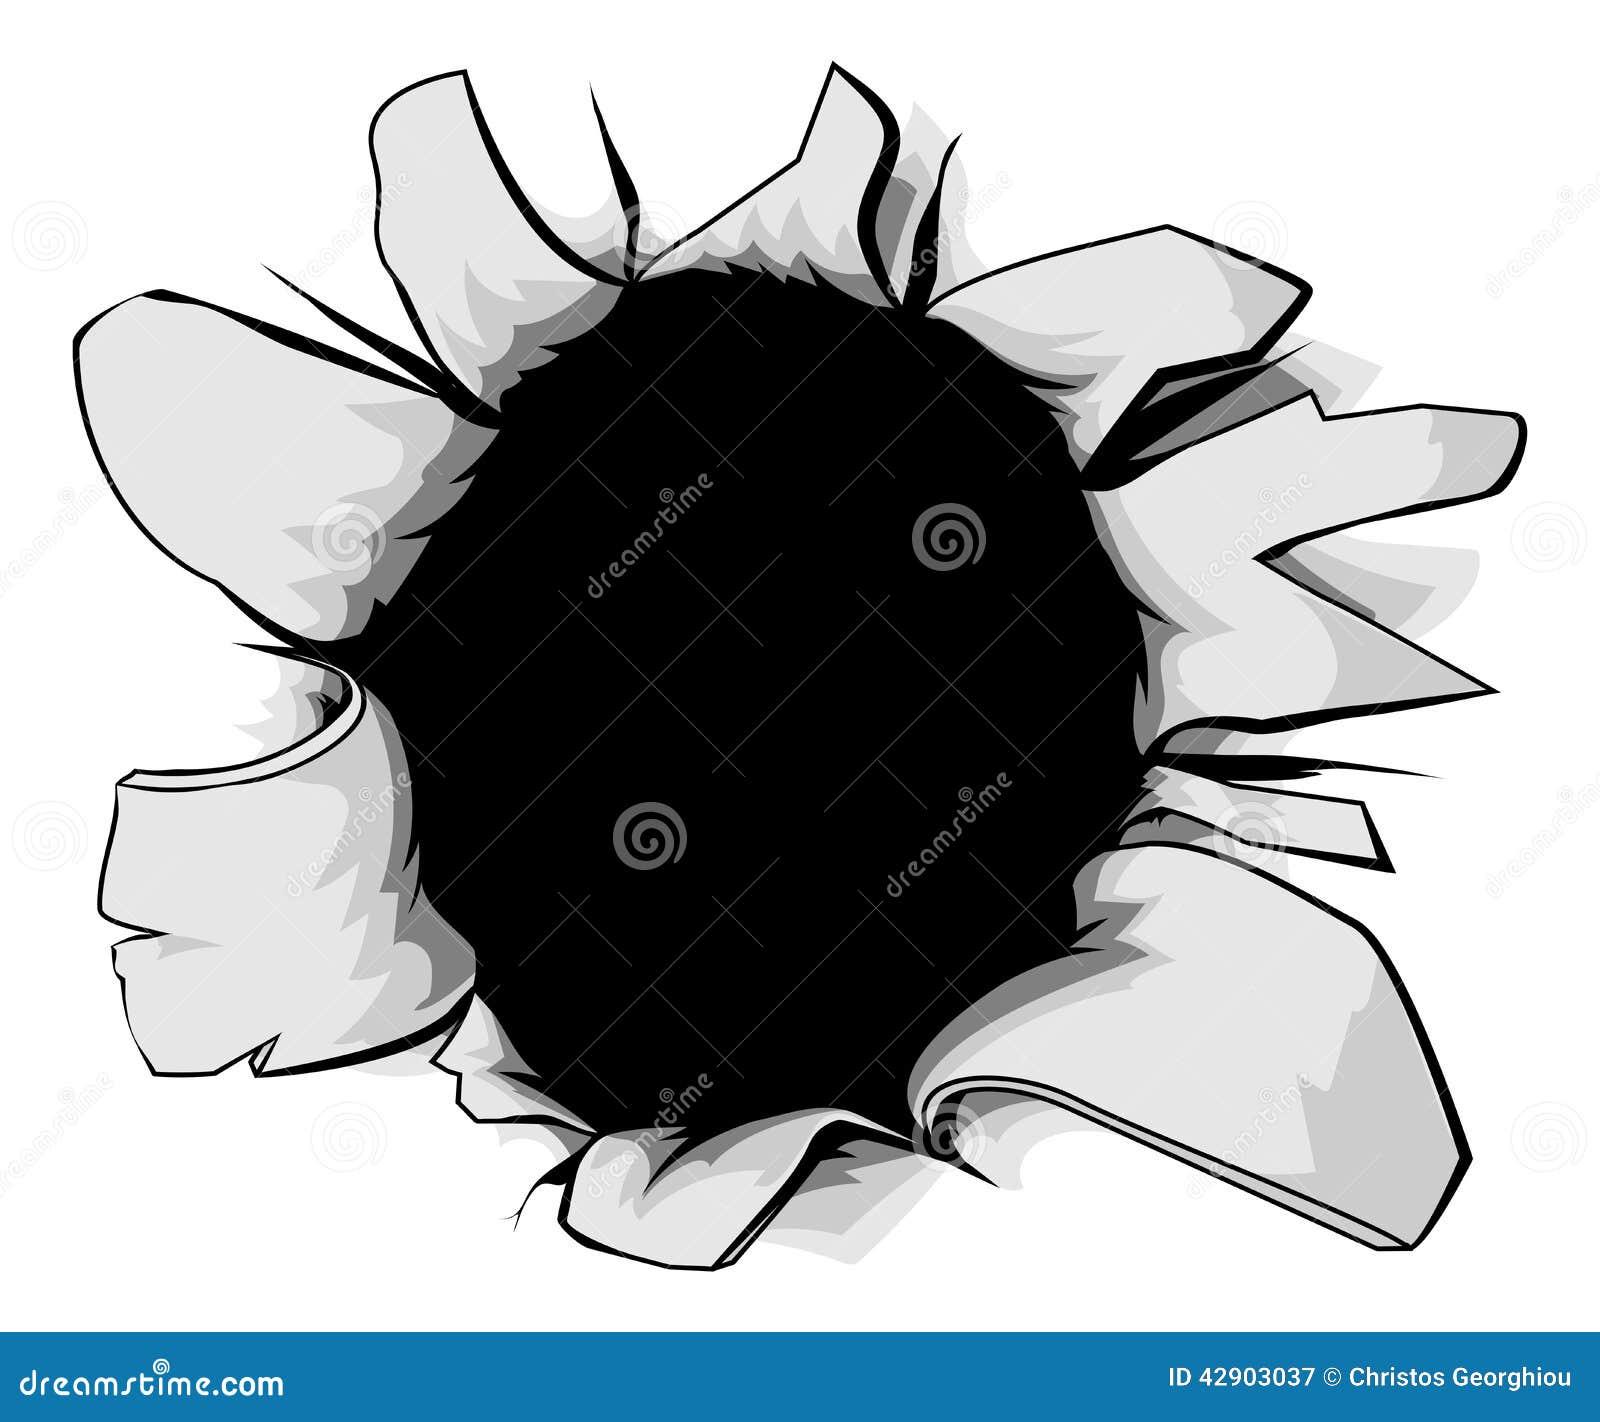 Torn Hole Stock Vector. Image Of Monster, Crack, Bullit